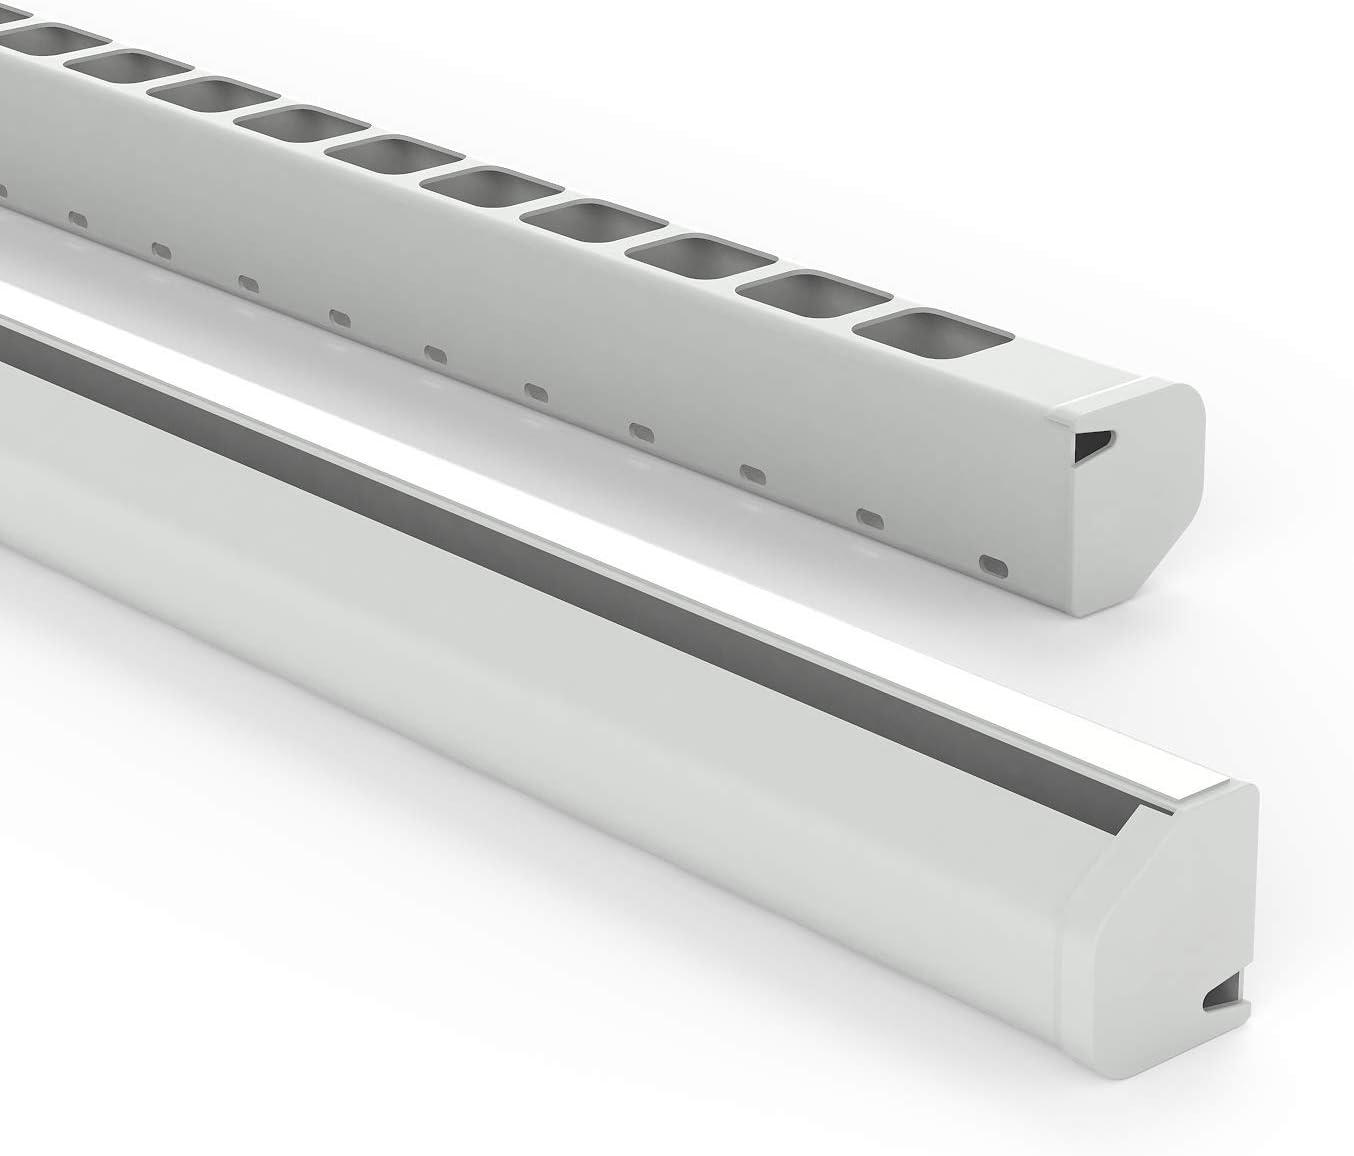 Habengut Untertisch Kabelführung Aus Pvc Grau Für Das Kabelmanagement Am Schreibtisch Länge 1 16 M Baumarkt